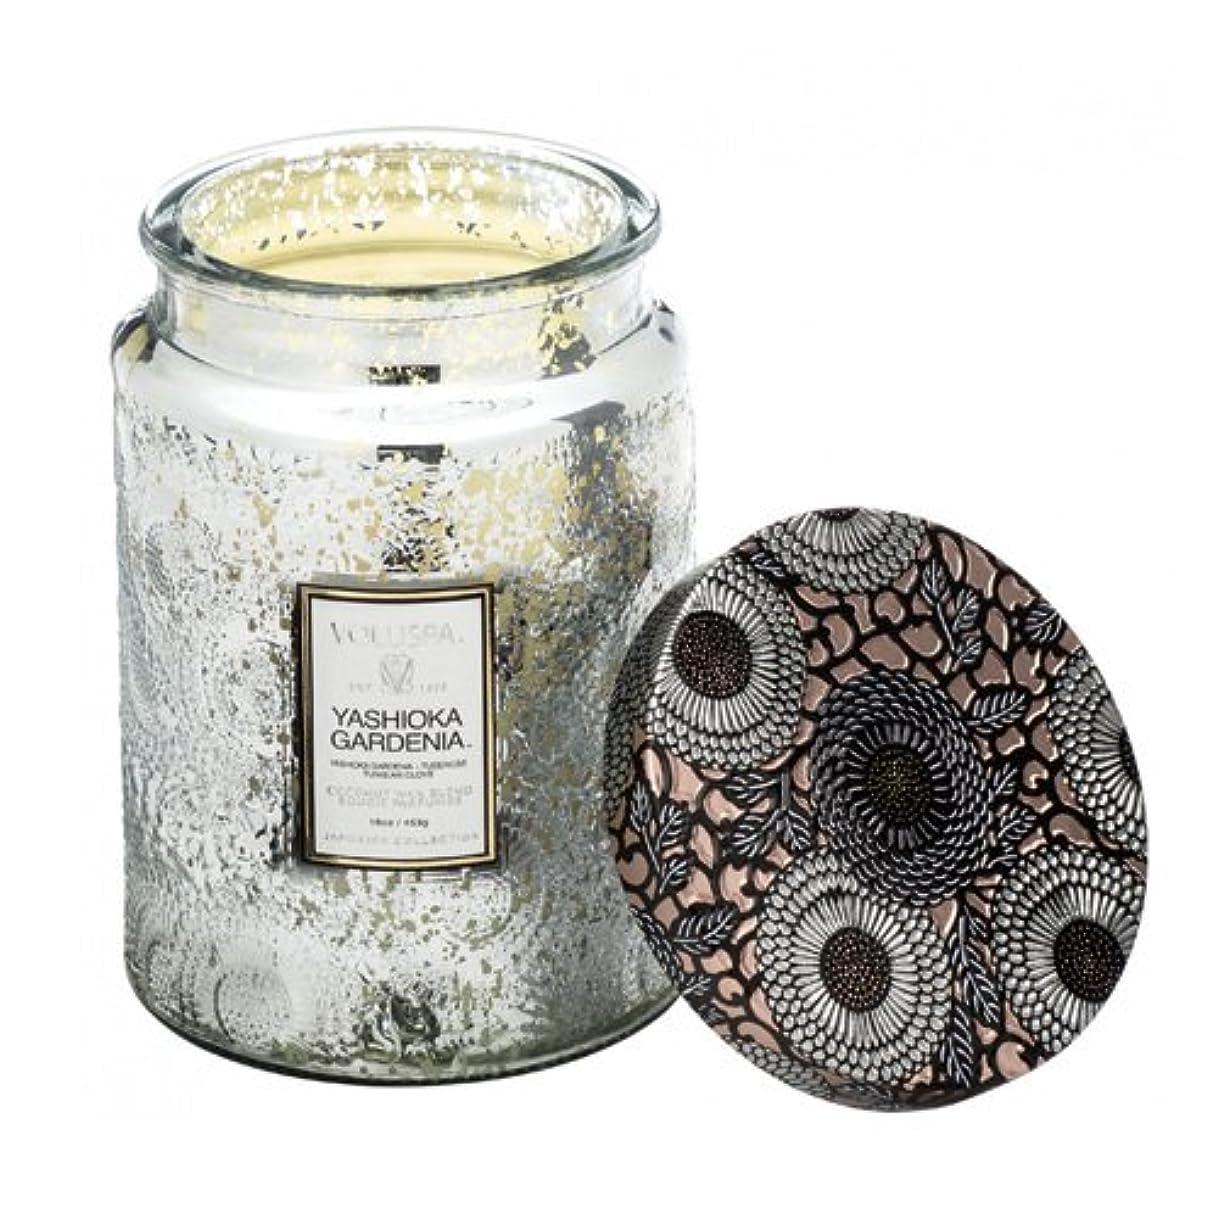 征服する模倣眉をひそめるVoluspa ボルスパ ジャポニカ リミテッド グラスジャーキャンドル  L ヤシオカガーデニア YASHIOKA GARDENIA JAPONICA Limited LARGE EMBOSSED Glass jar candle